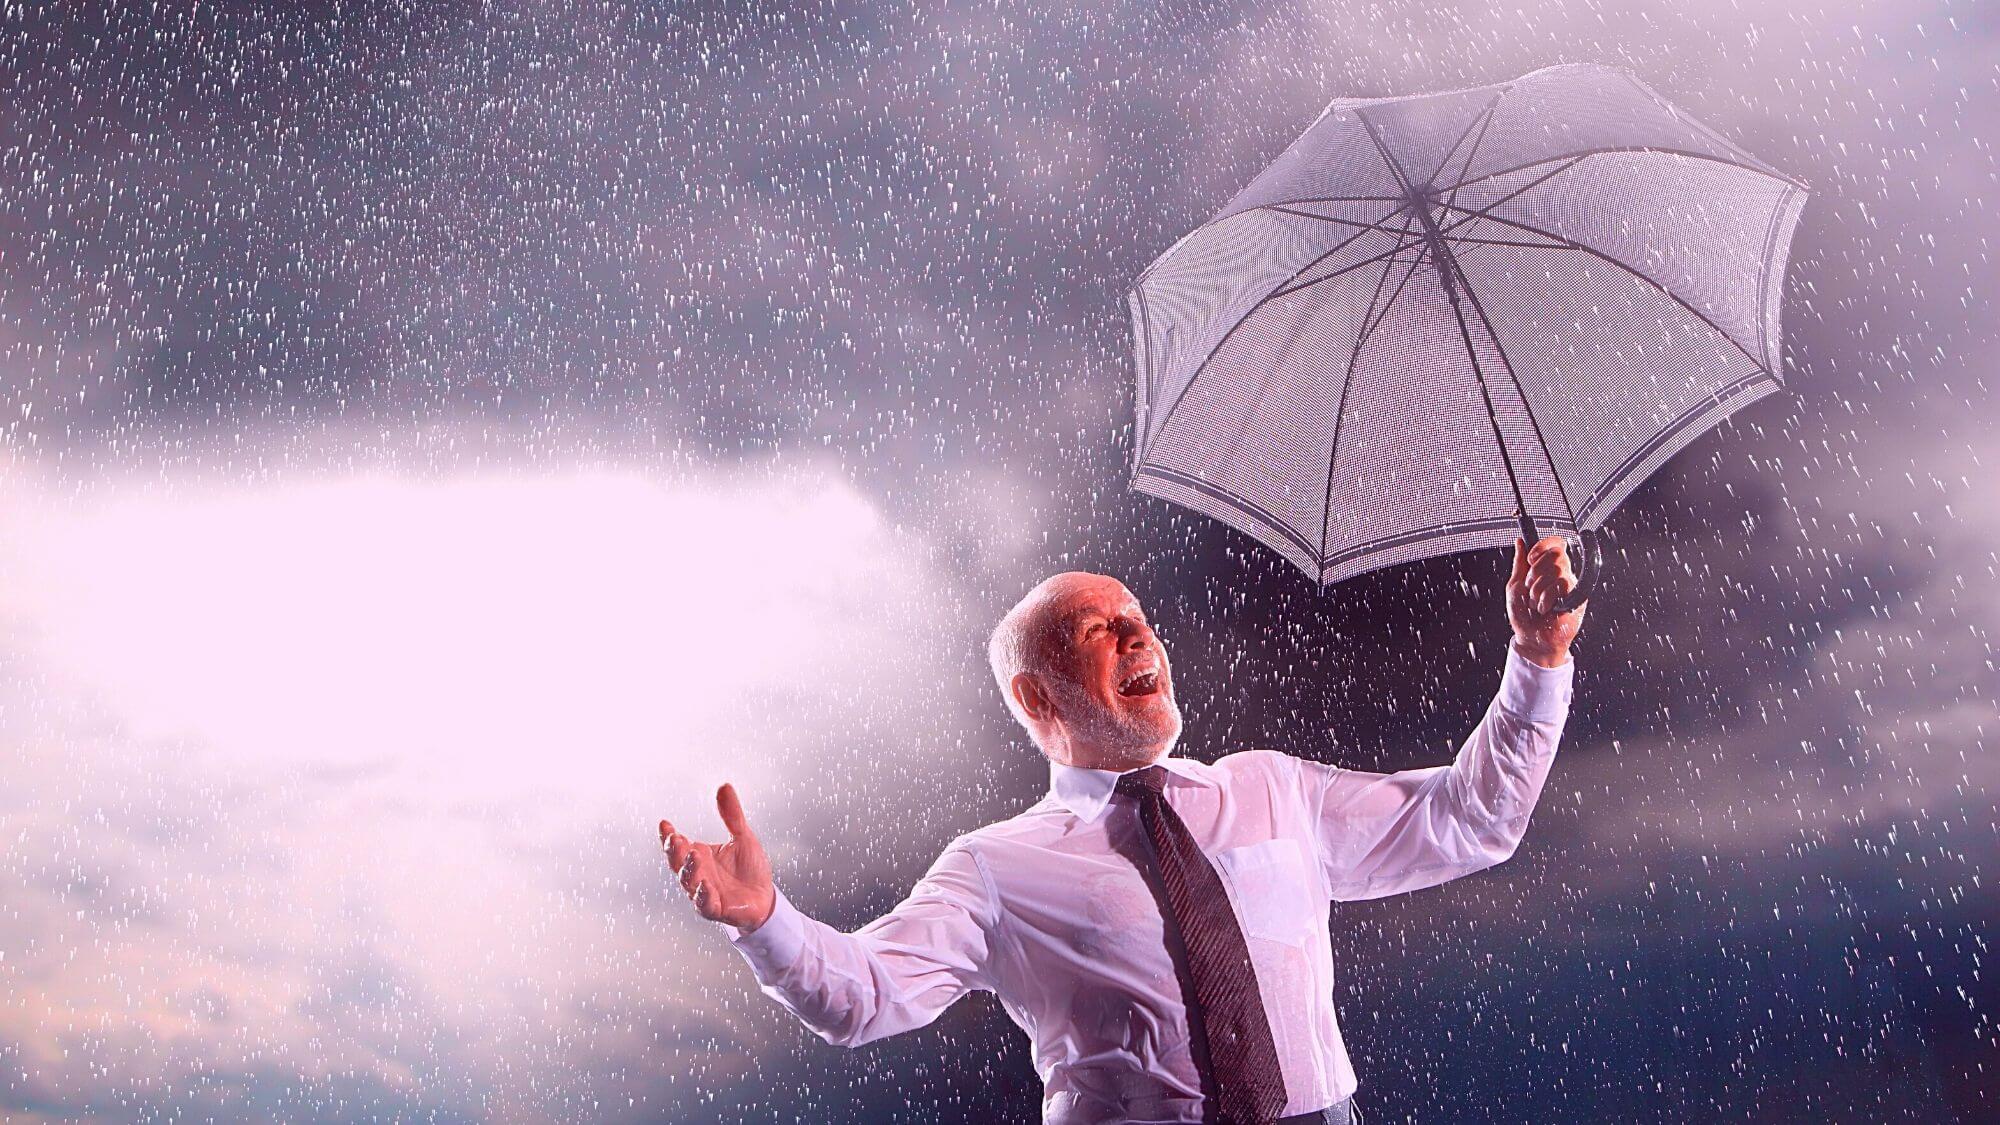 אדם עם מטרייה - ביטוח נזקי סערה